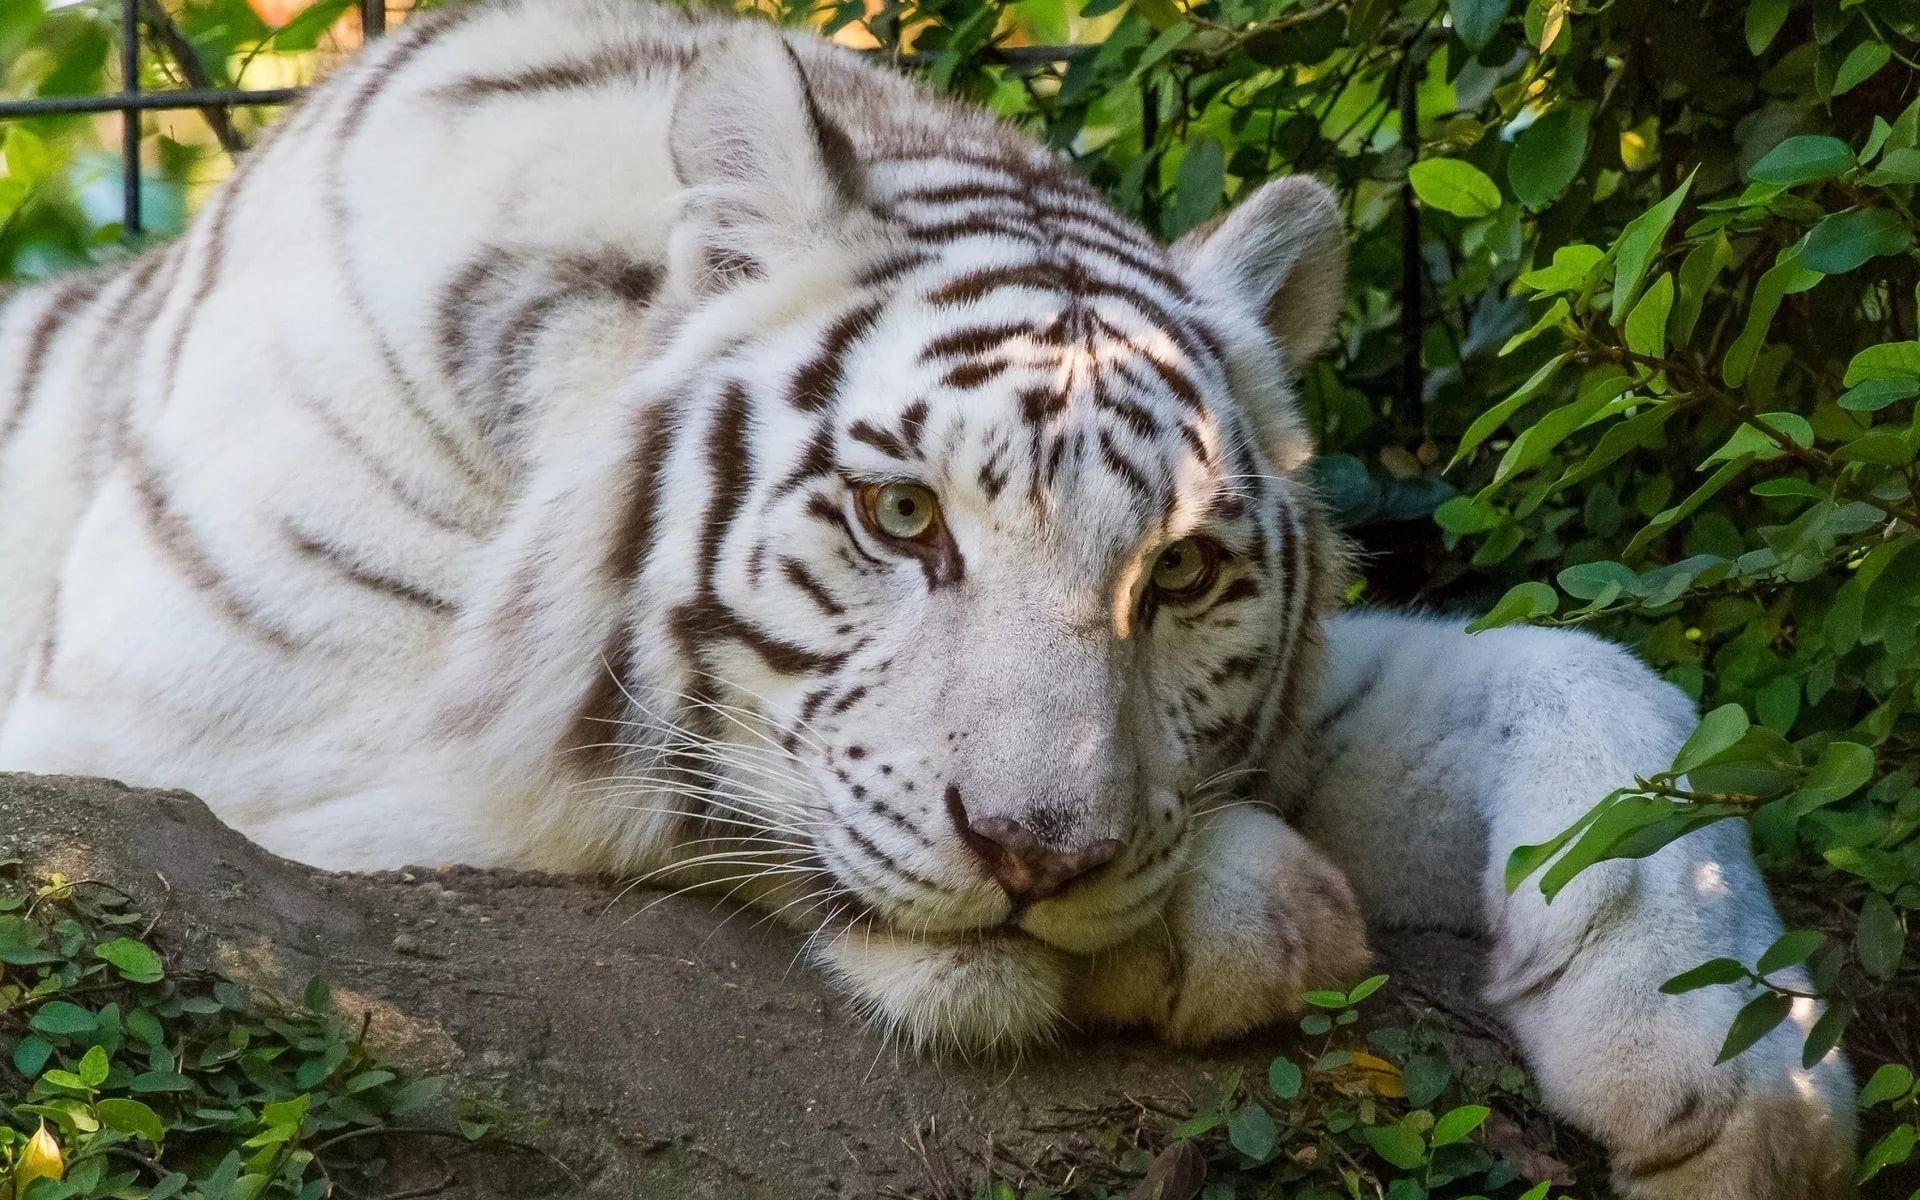 White Tiger, Cool HD Wallpaper